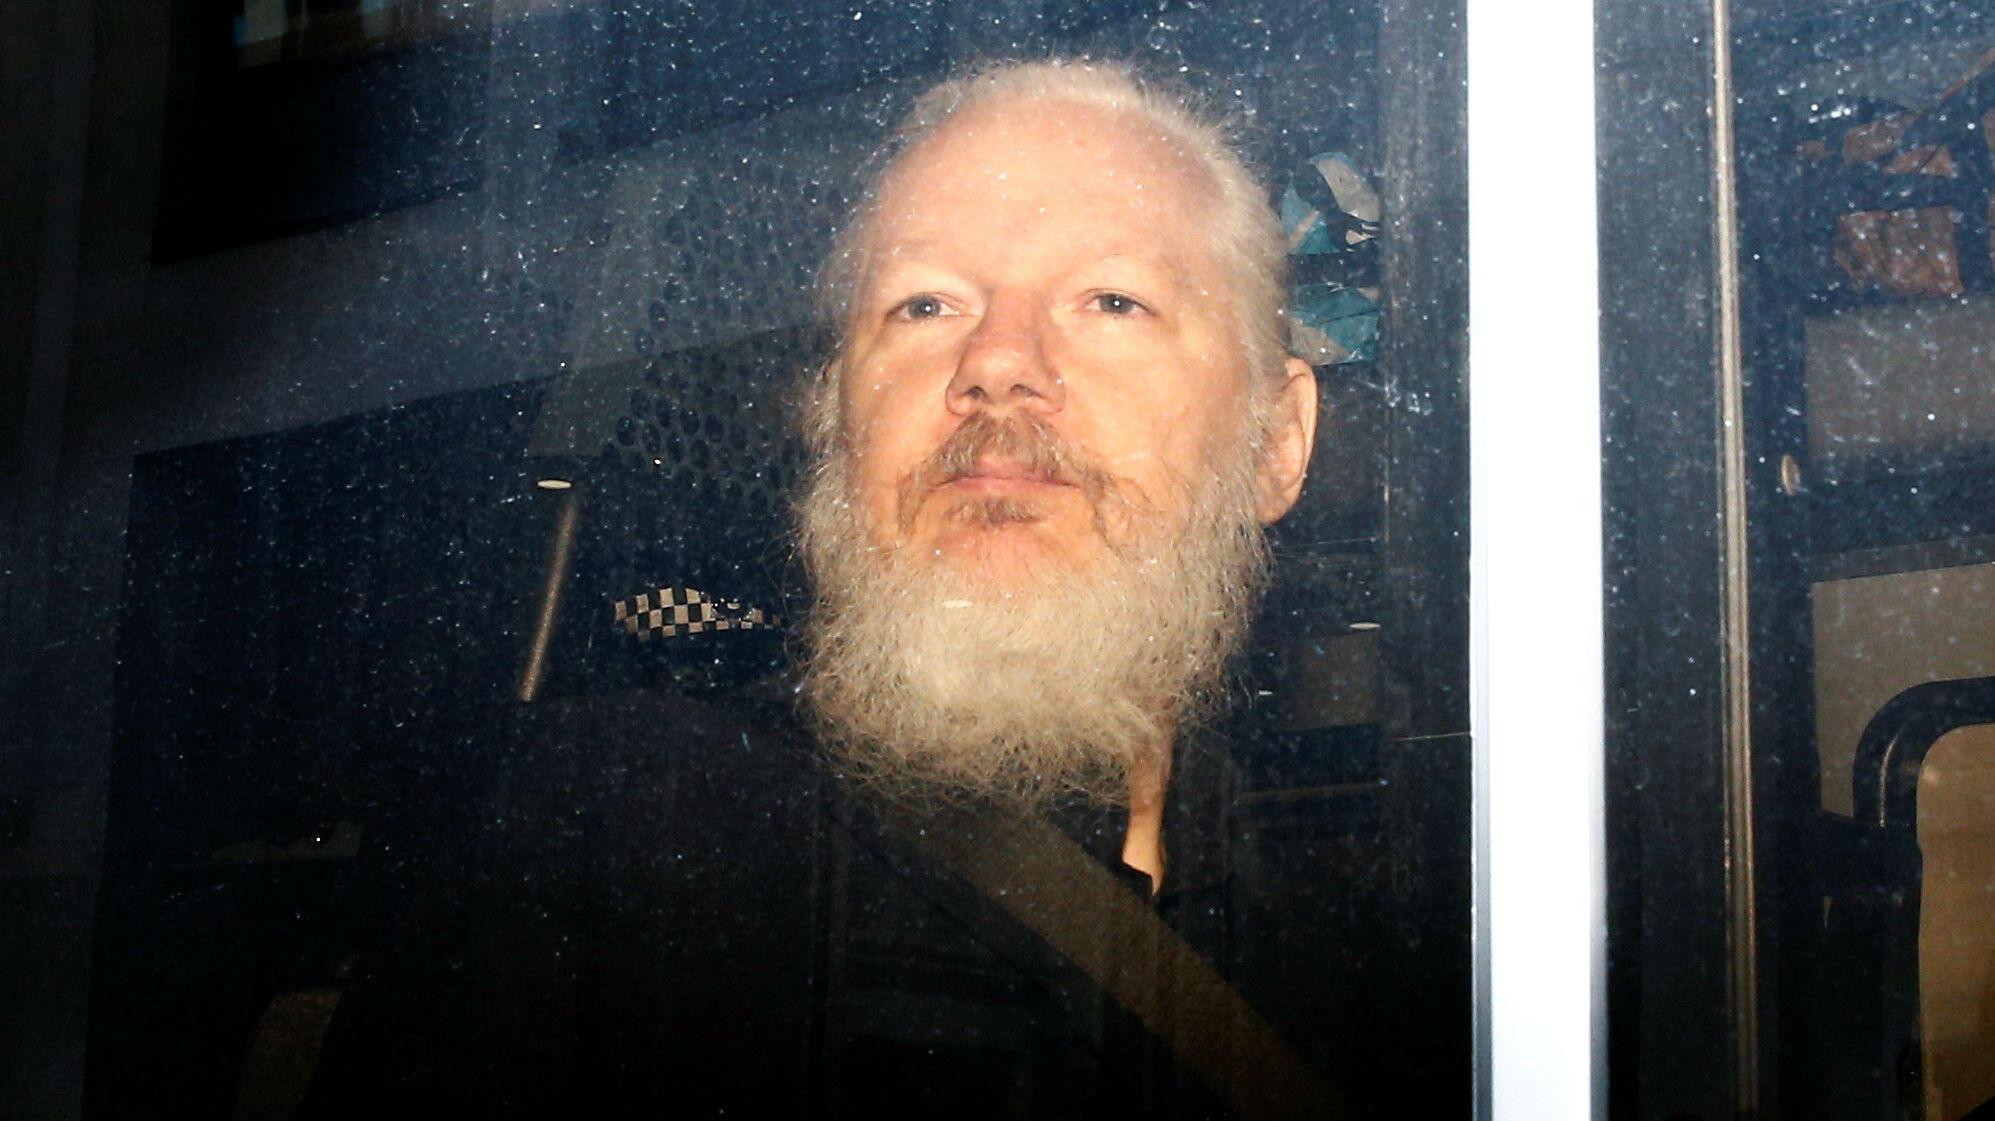 Julian Assange, en una camioneta de la policía, luego de ser arrestado por los elementos de seguridad británicos, en Londres, Gran Bretaña, el 11 de abril de 2019.